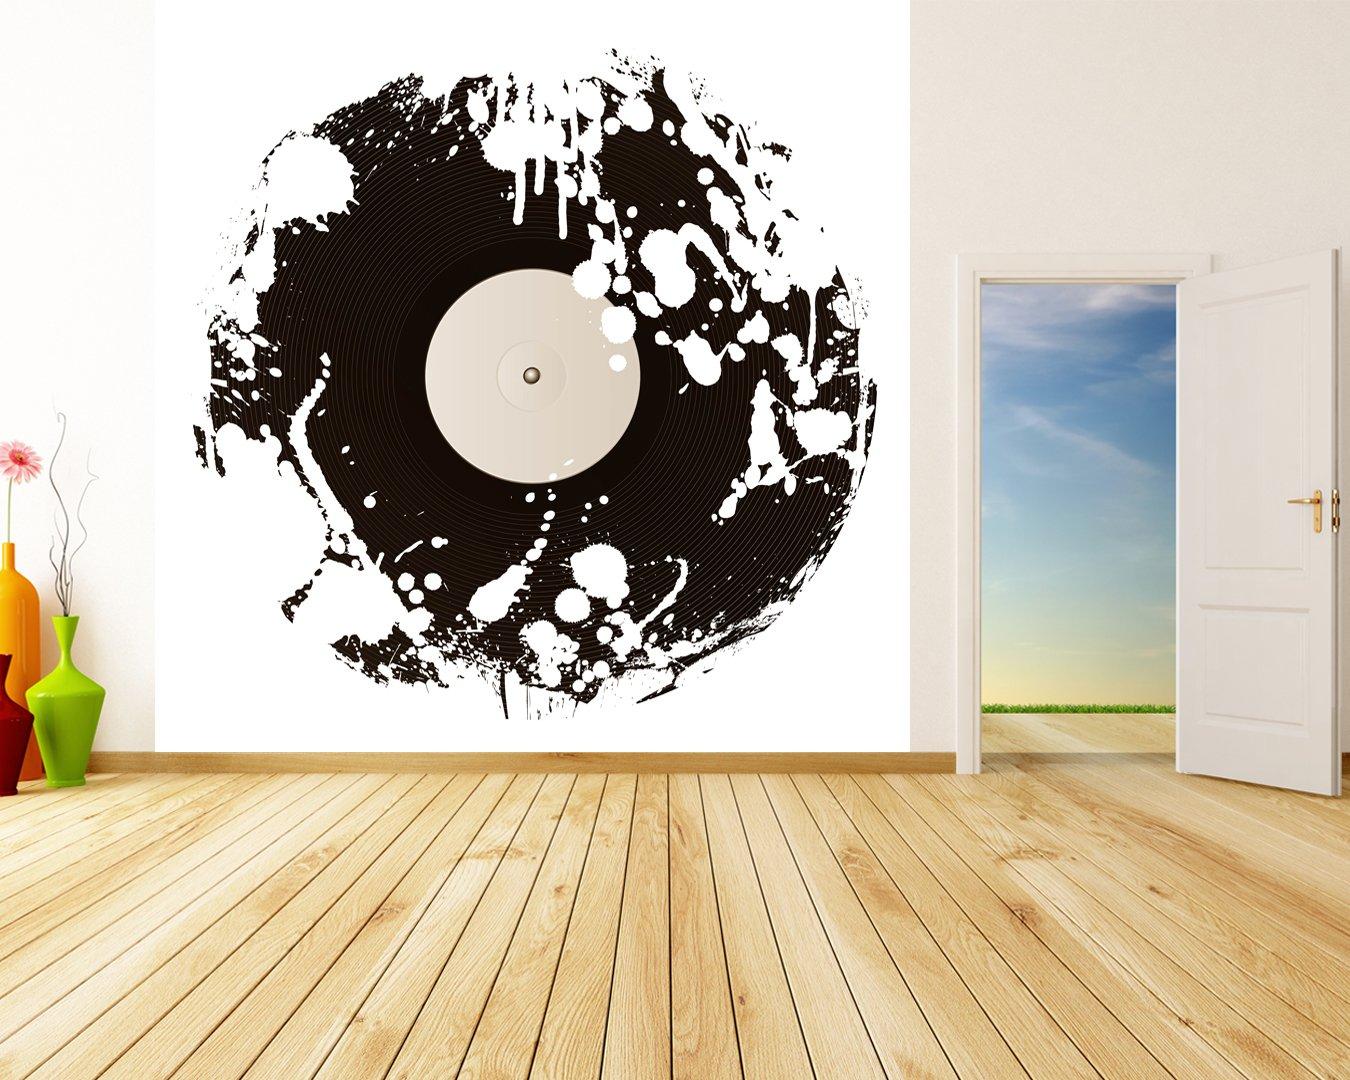 Selbstklebende Fototapete - Grunge Schallplatte - schwarz weiss weiss weiss - 200x200 cm - Wandtapete – Poster – Dekoration – Wandbild – Wandposter - Bild – Wandbilder - Wanddeko 2e2e7b